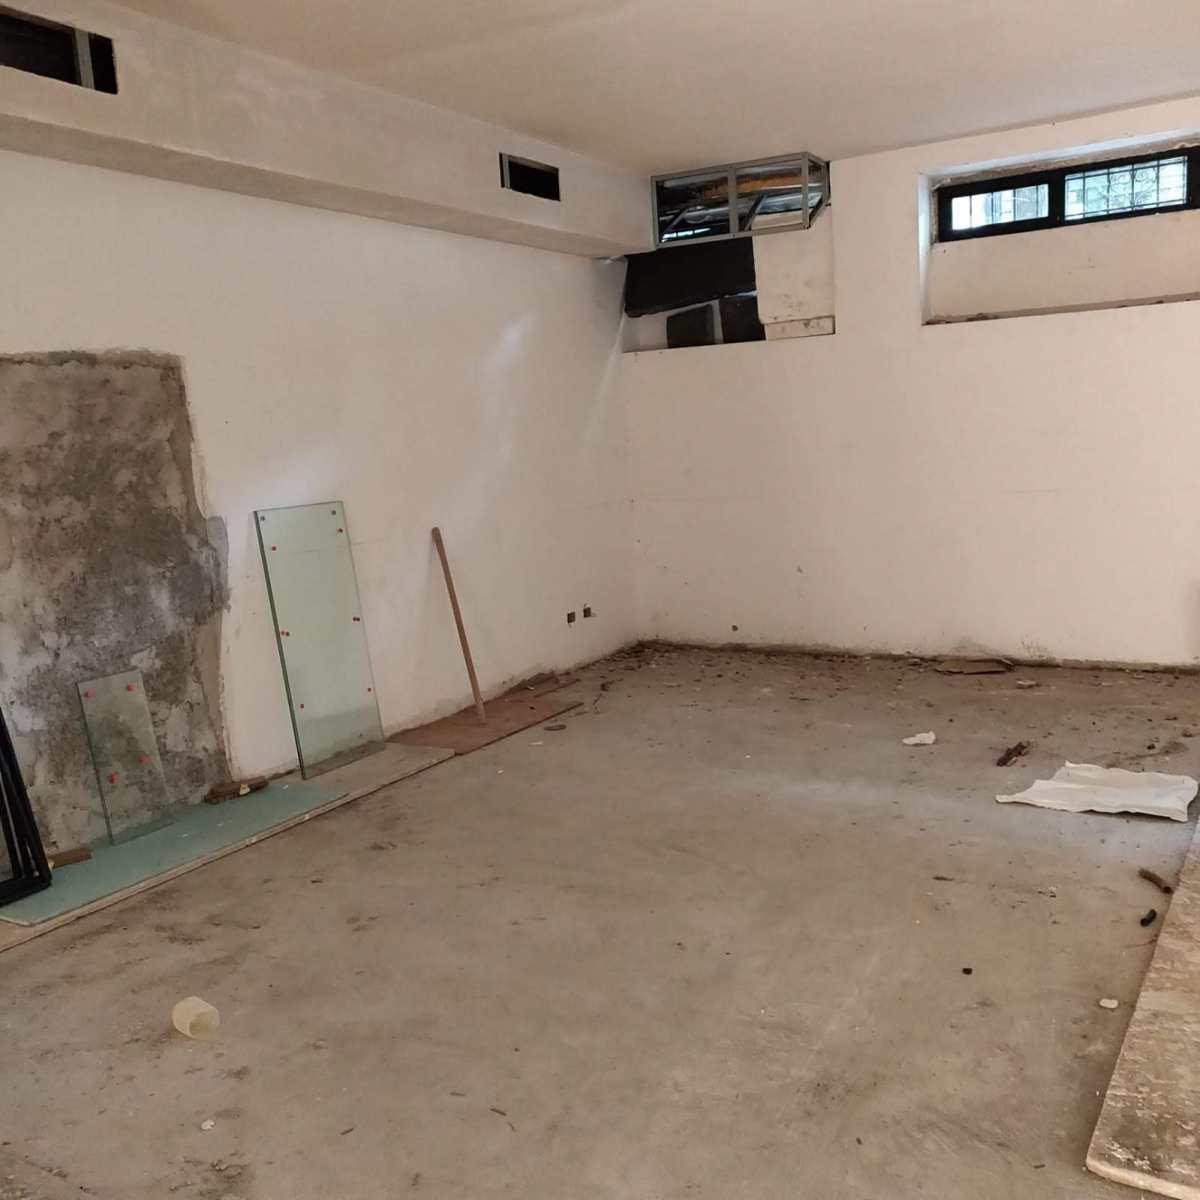 appartamenti-c3-in-vendita-via-chinotto-san-siro-milano-spaziourbano-immobiliare-vende-3-locali-2-locali-appartamenti-11